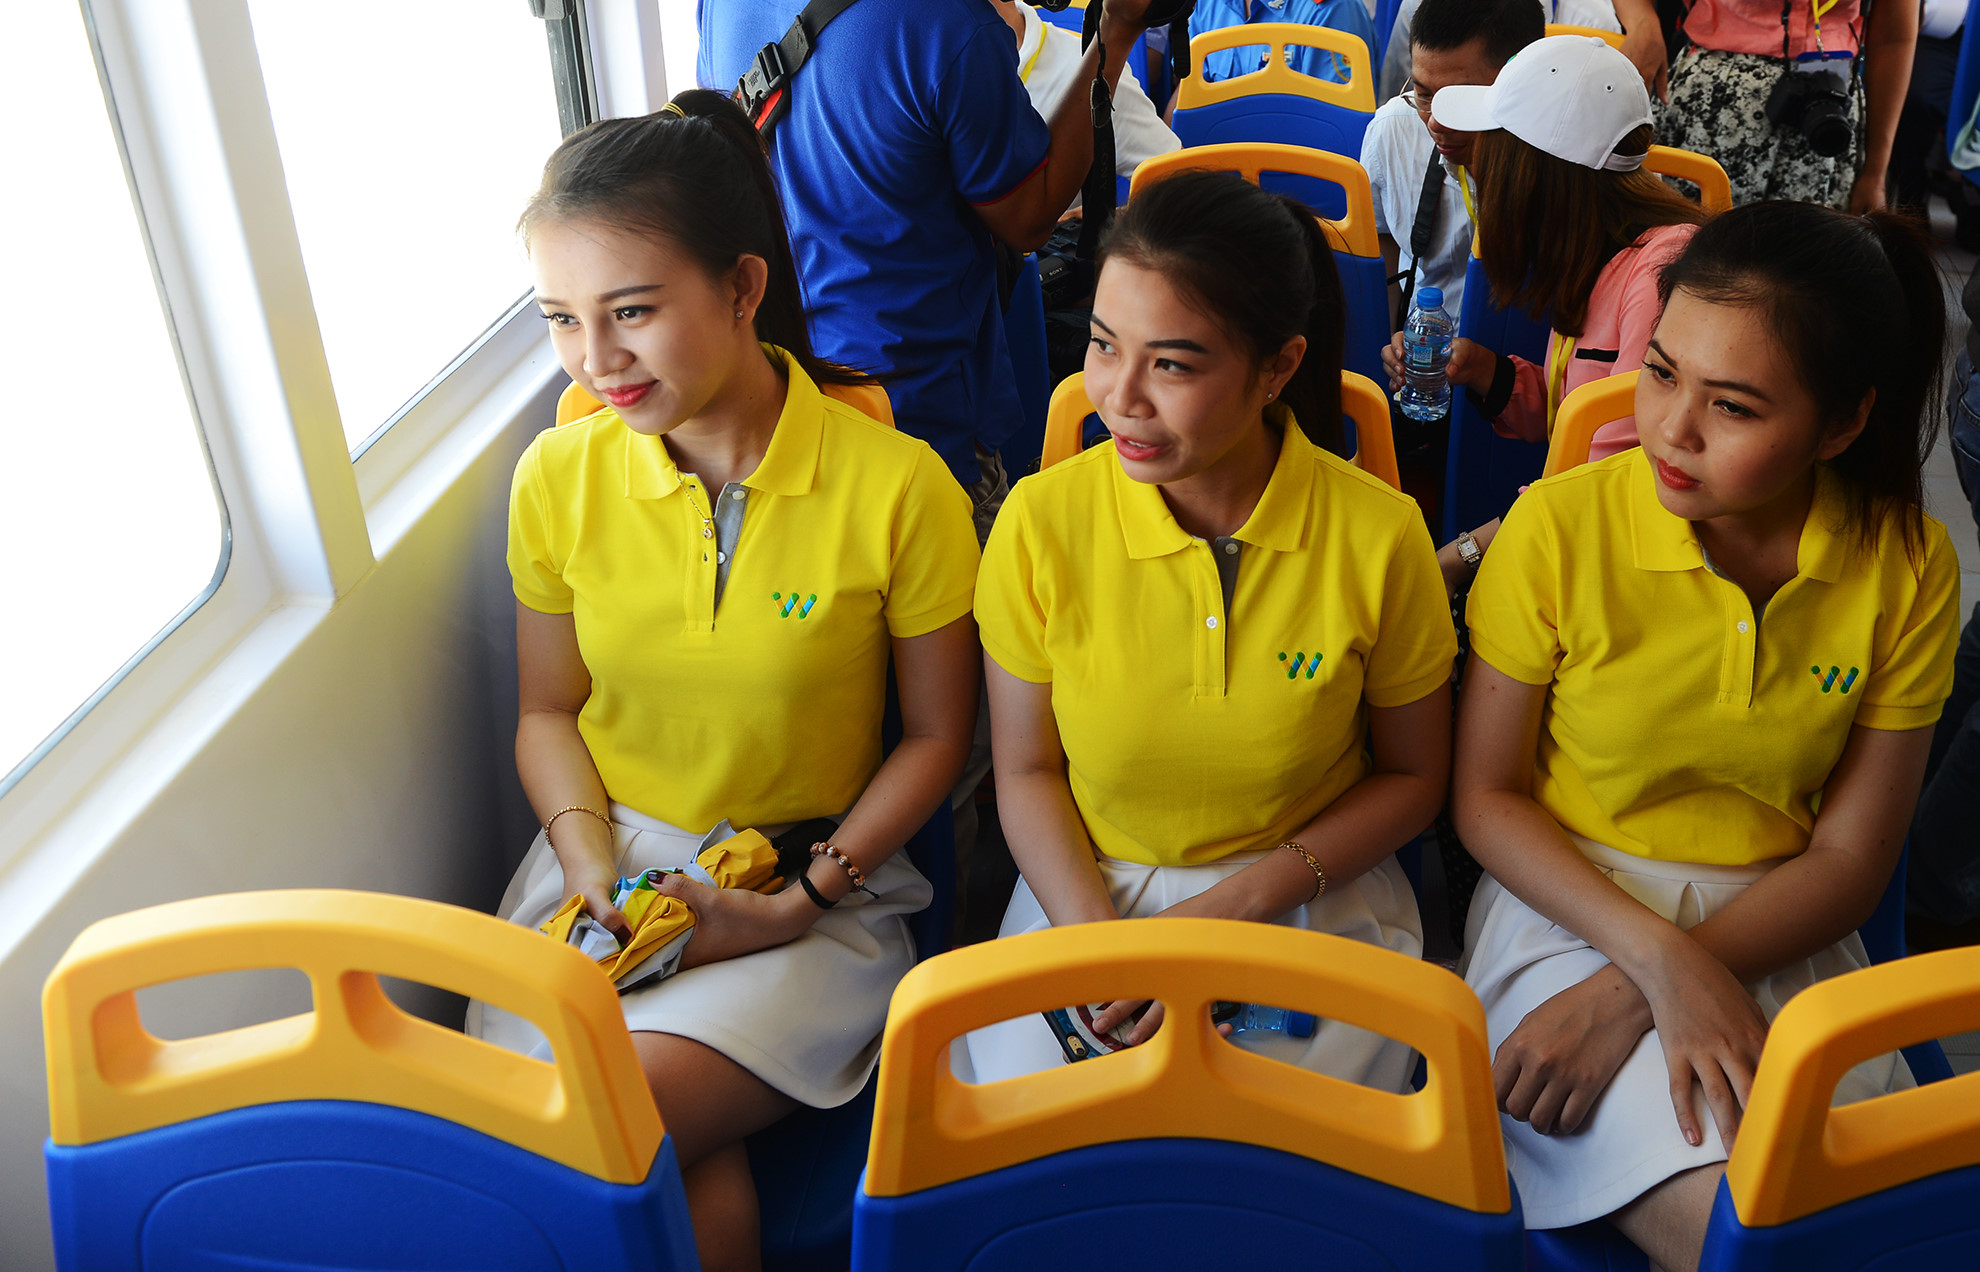 Trải nghiệm tàu buýt trên sông Sài Gòn